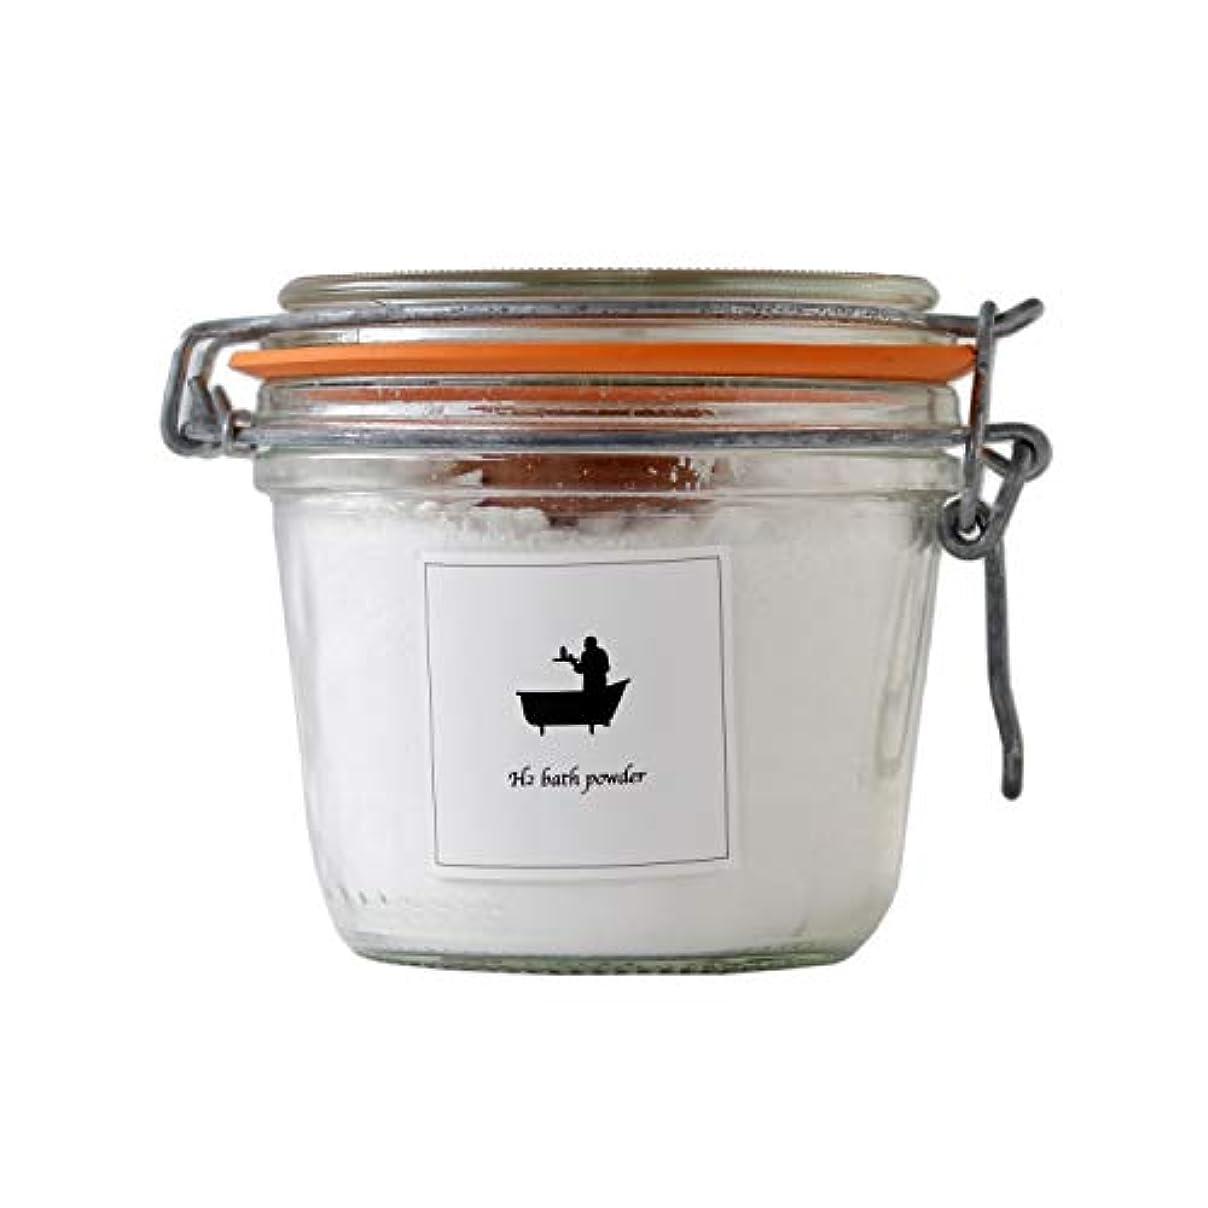 称賛アルカイック病的水素入浴剤「BATHLIER H2 bath powder」RDモイストバスパウダー/ジャータイプ